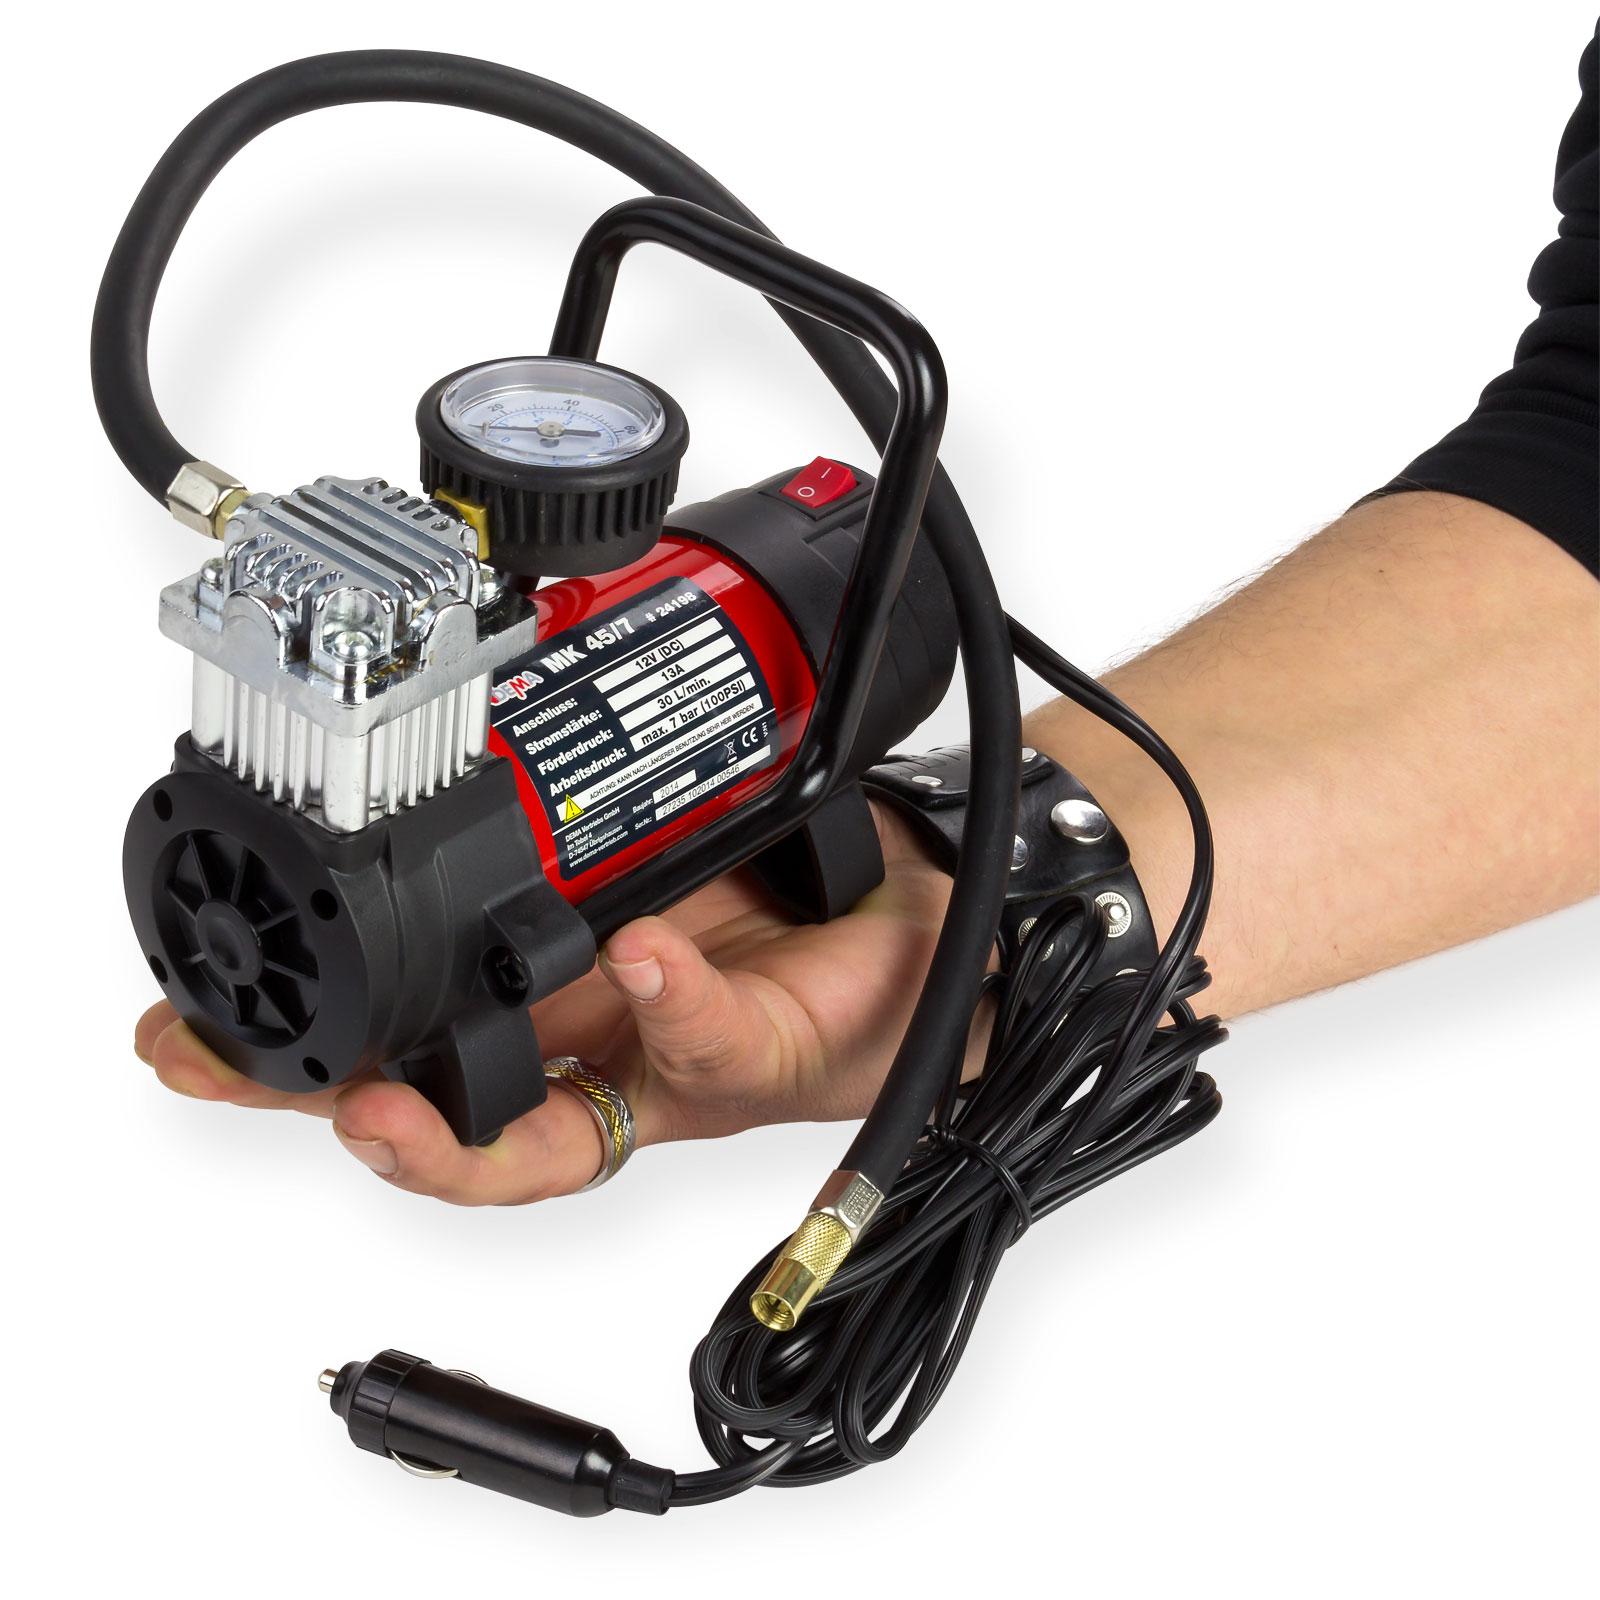 mini kompressor 12 volt druckluft pumpe minikompressor. Black Bedroom Furniture Sets. Home Design Ideas